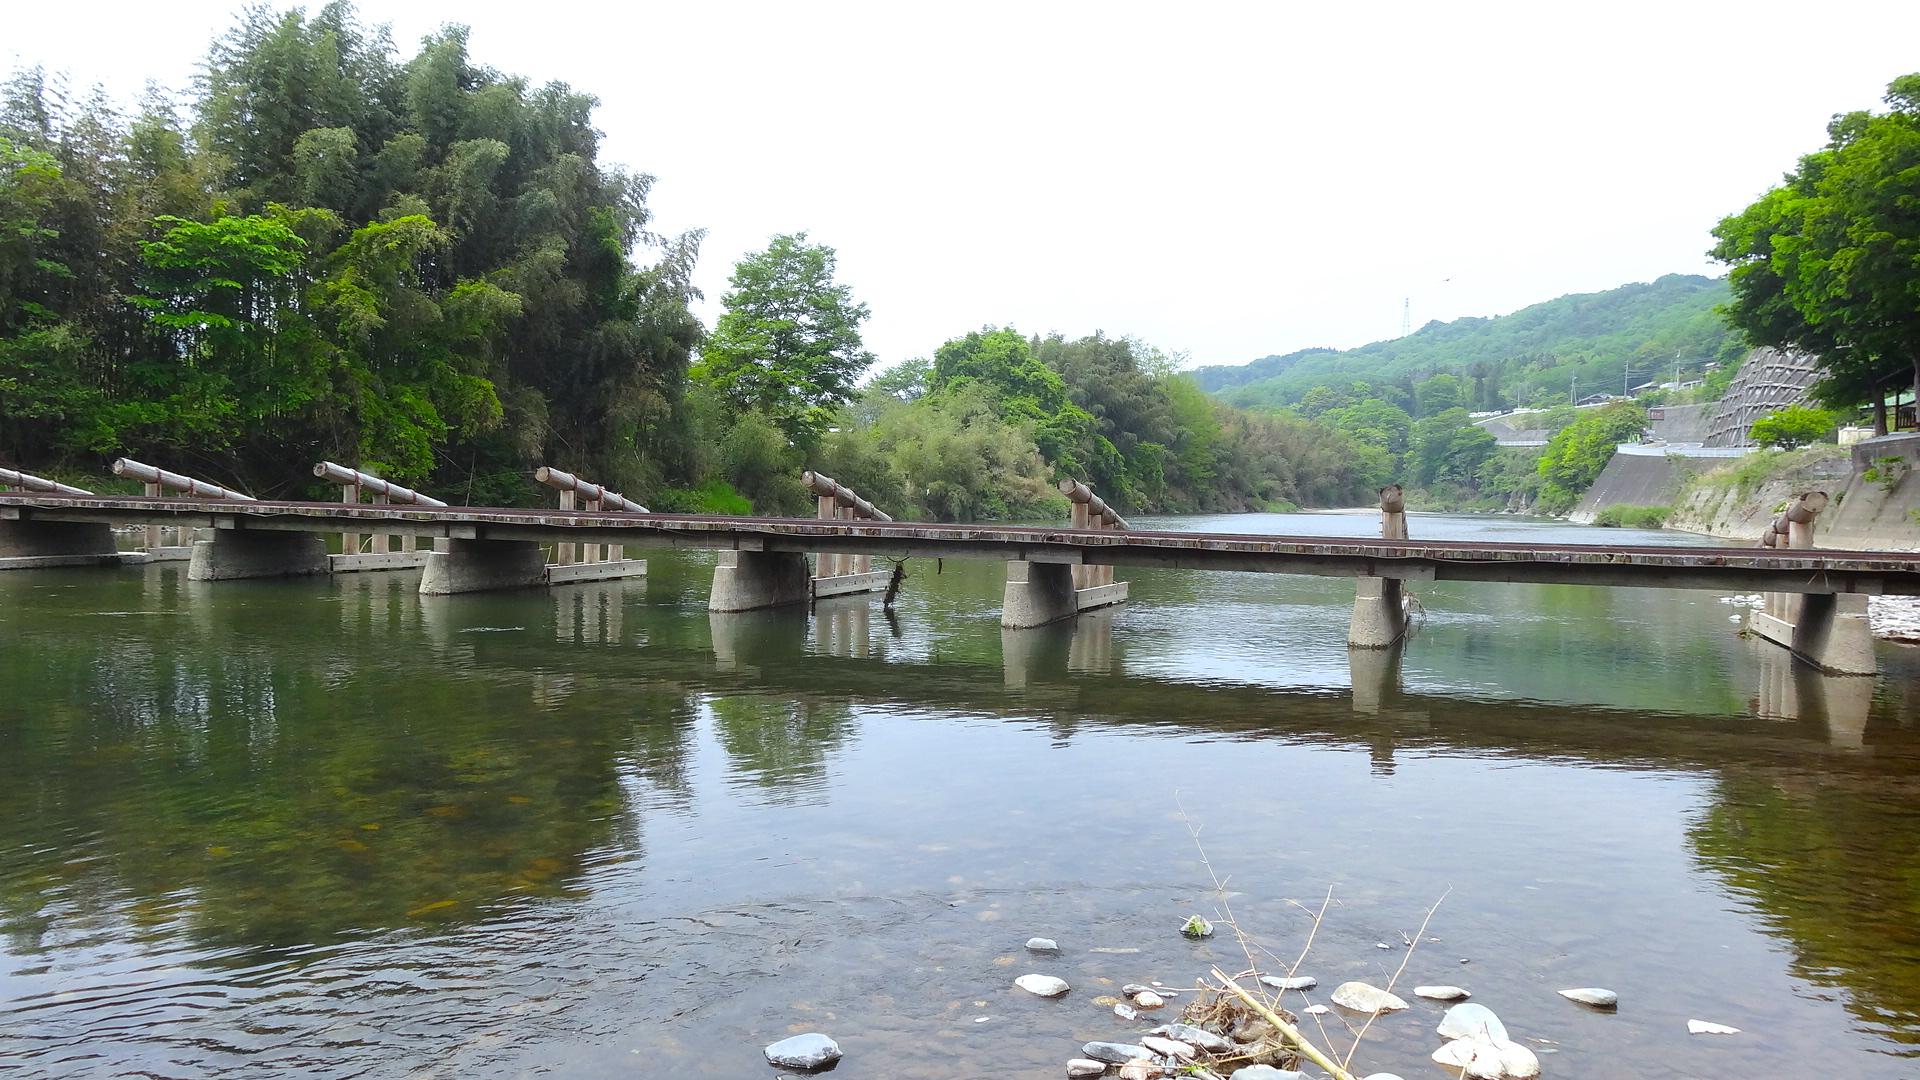 久野瀬橋(久慈川沈下橋)